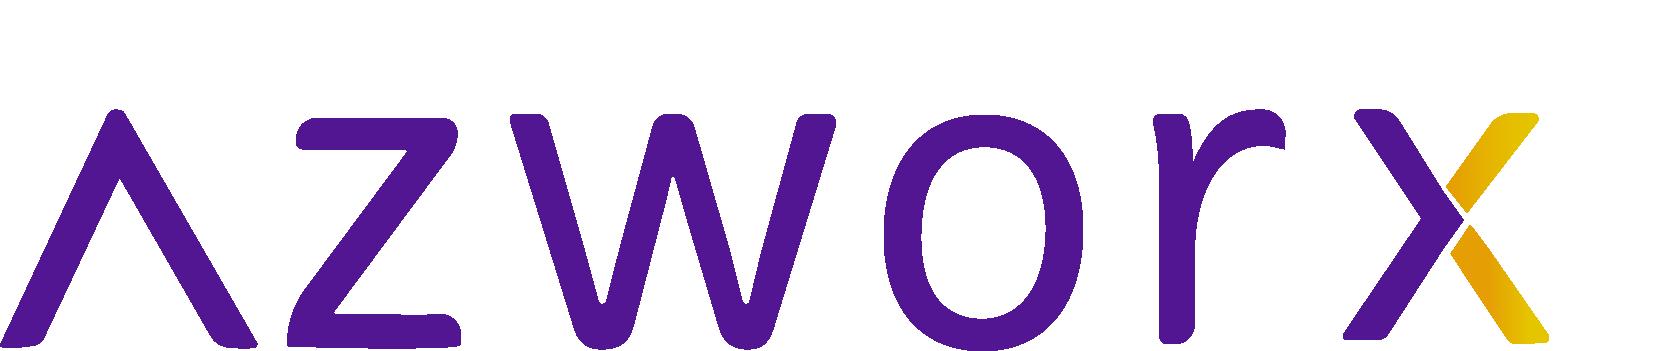 Web Design in Kuwait, Web Development in Kuwait, Logo Design in Kuwait, Motion Graphics in Kuwait, Animation in Kuwait, Gift Design in Kuwait, 3d Interior Design Video in Kuwait,  تصميم المواقع الإلكترونية بالكويت - تصميم الفيديوهات التوعية موشن جرافيك - تصميم الشعارات و العلامه التجارية